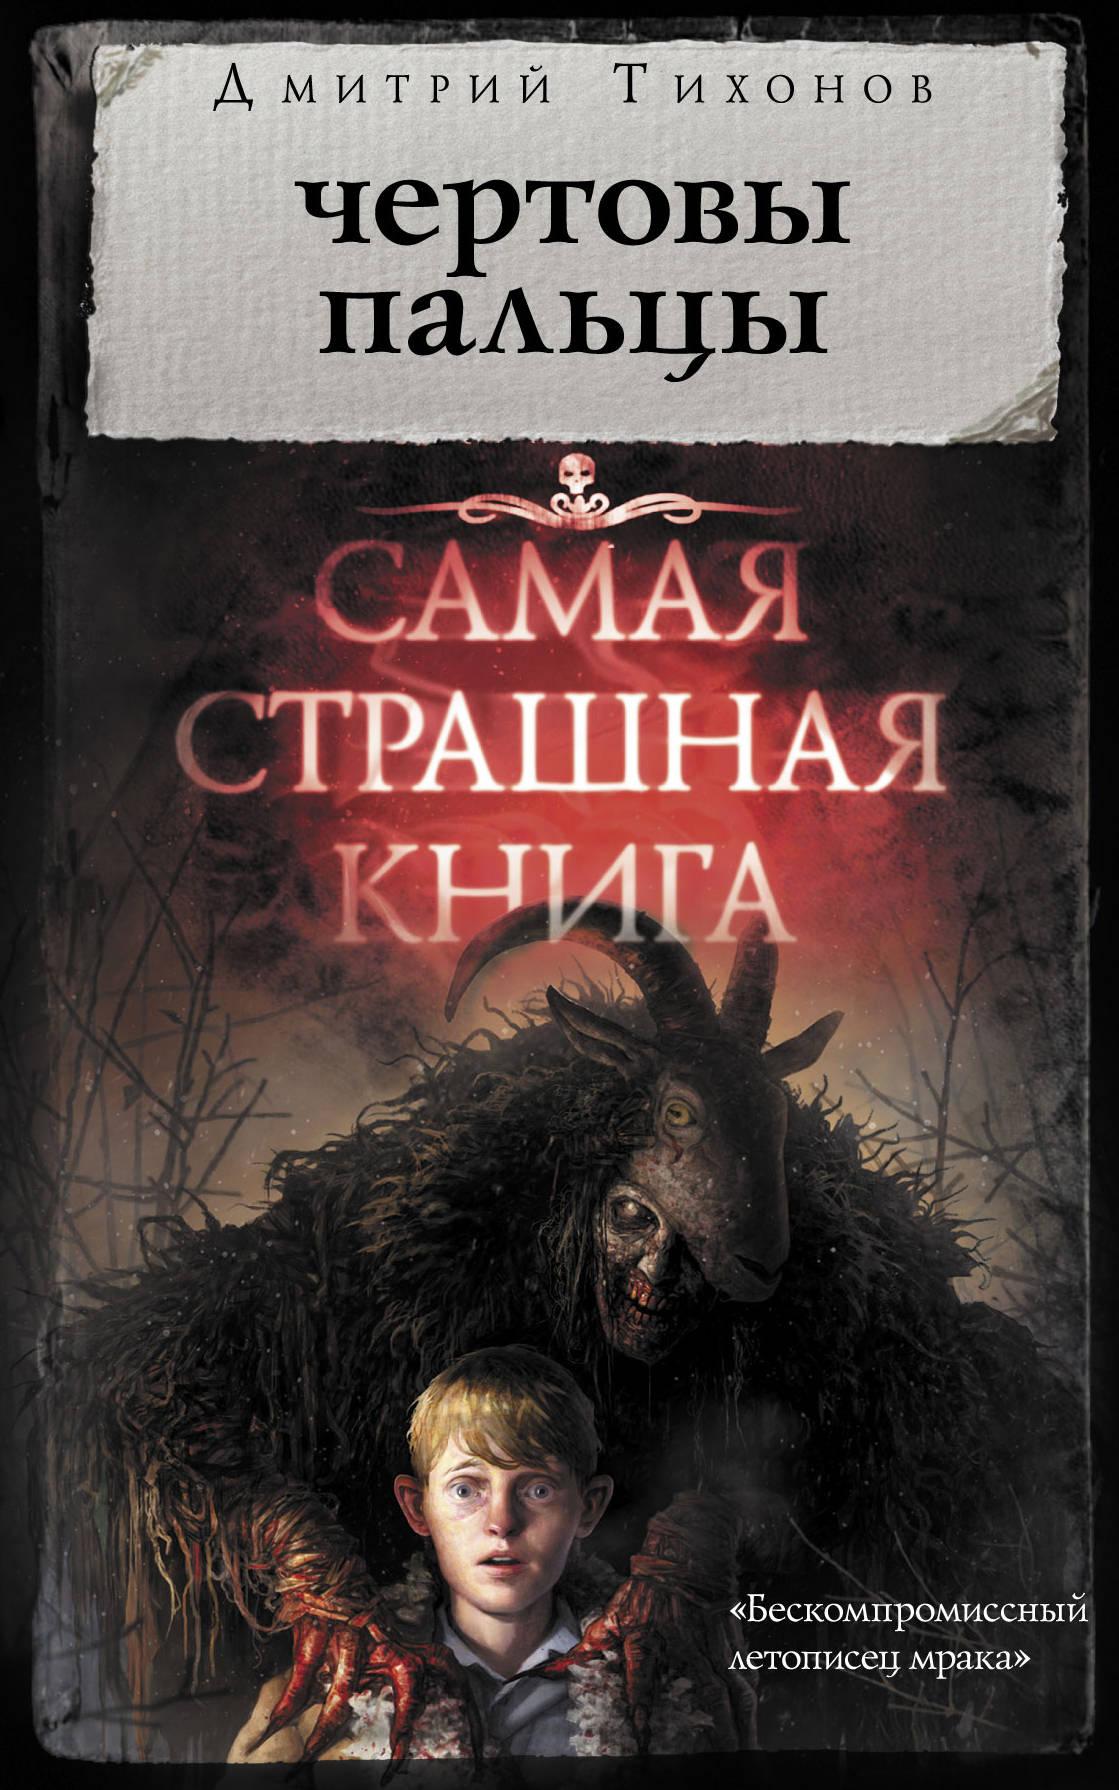 Дмитрий Тихонов Чертовы пальцы. Самая страшная книга